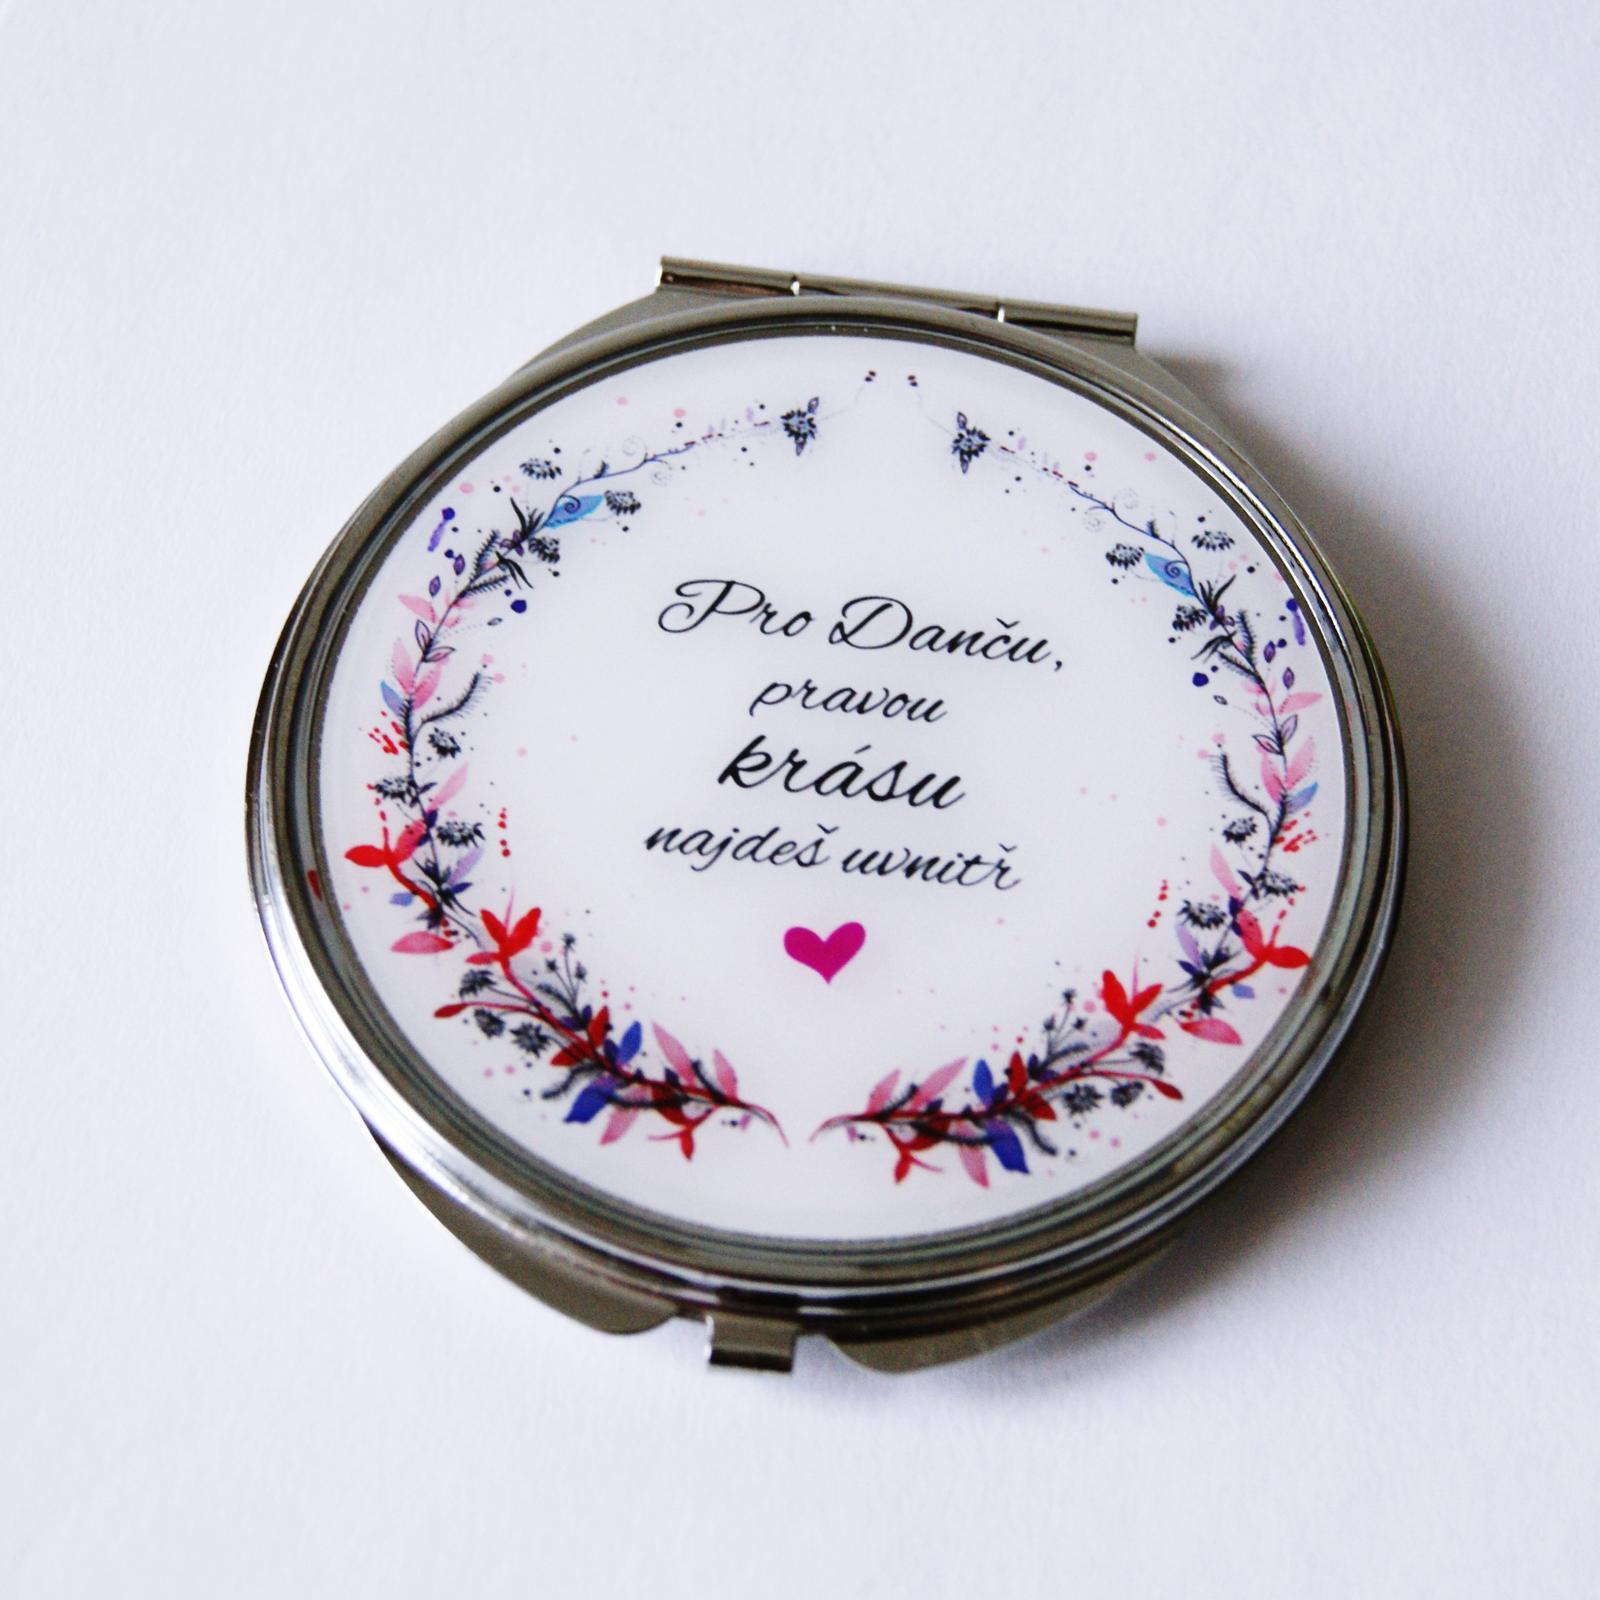 Svatby roku 2017 - Valentýn se blíží - udělejte své milé či svému milému radost šperkem s věnováním či s vaší fotkou. Dnes je poslední den, kdy přijímáme objednávky, které stihneme vyrobit s doručením do Valentýna